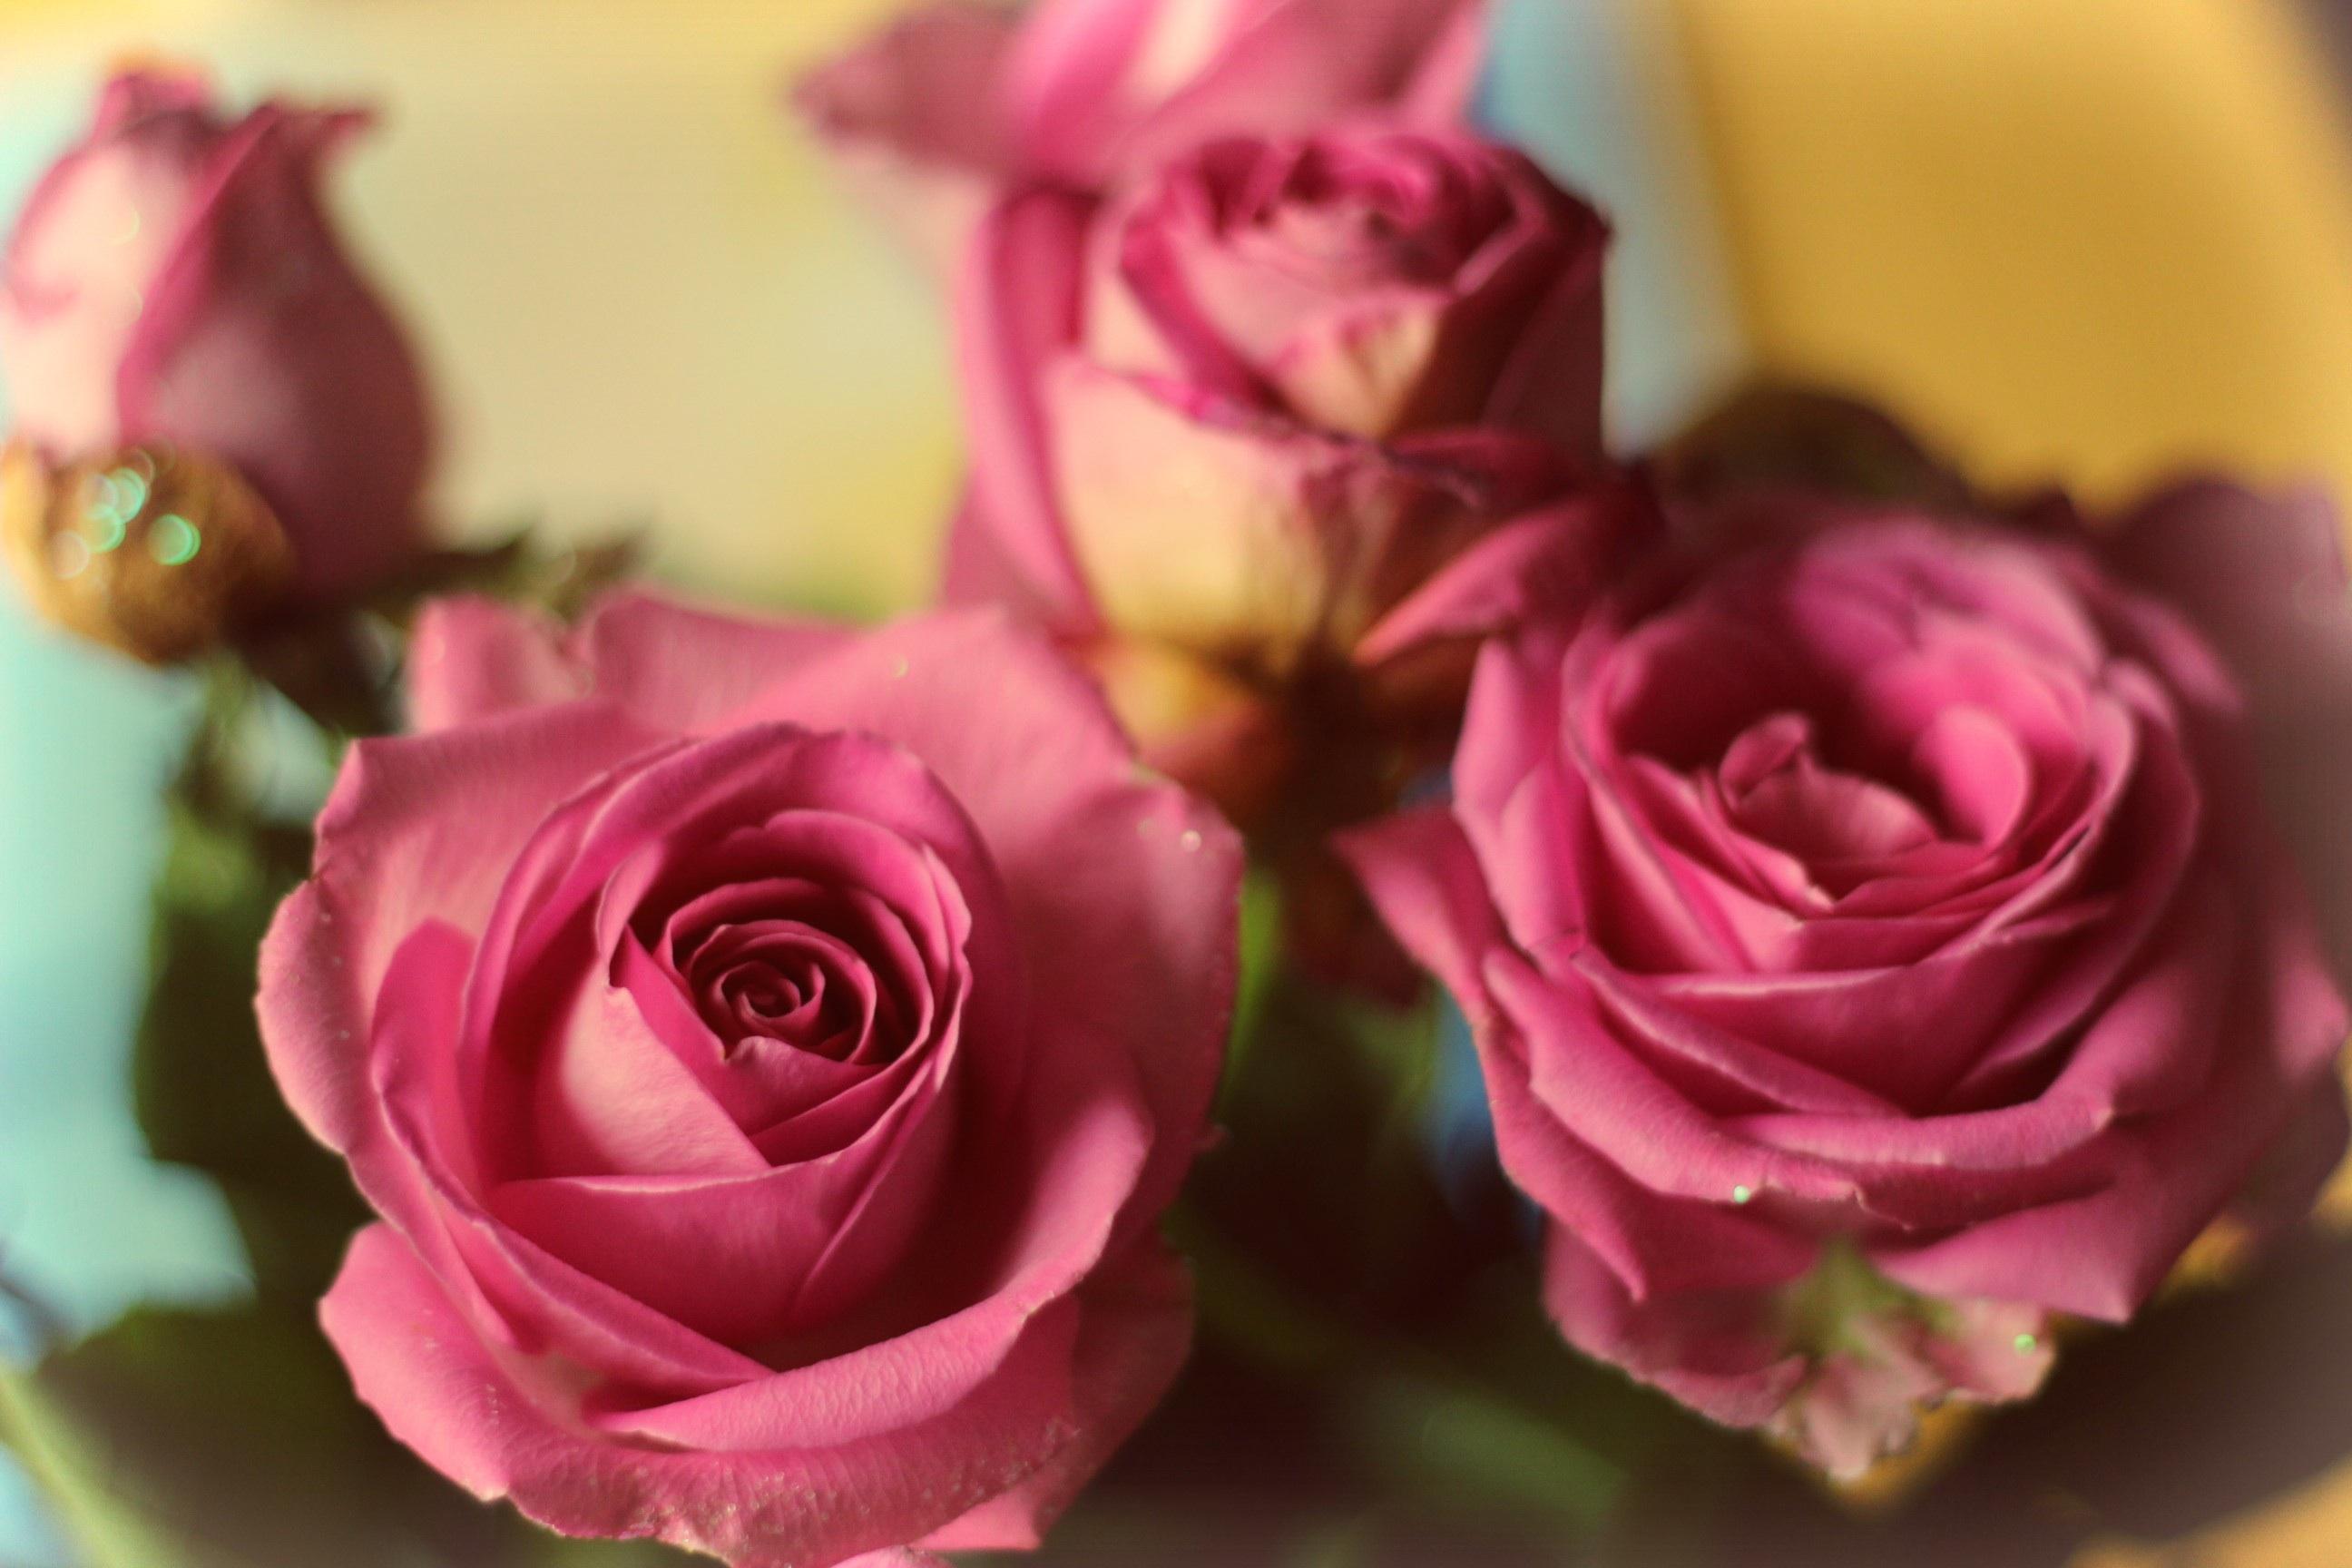 無料画像 工場 紫の 花弁 ローズ ピンク フローリストリー マクロ撮影 開花植物 庭のバラ